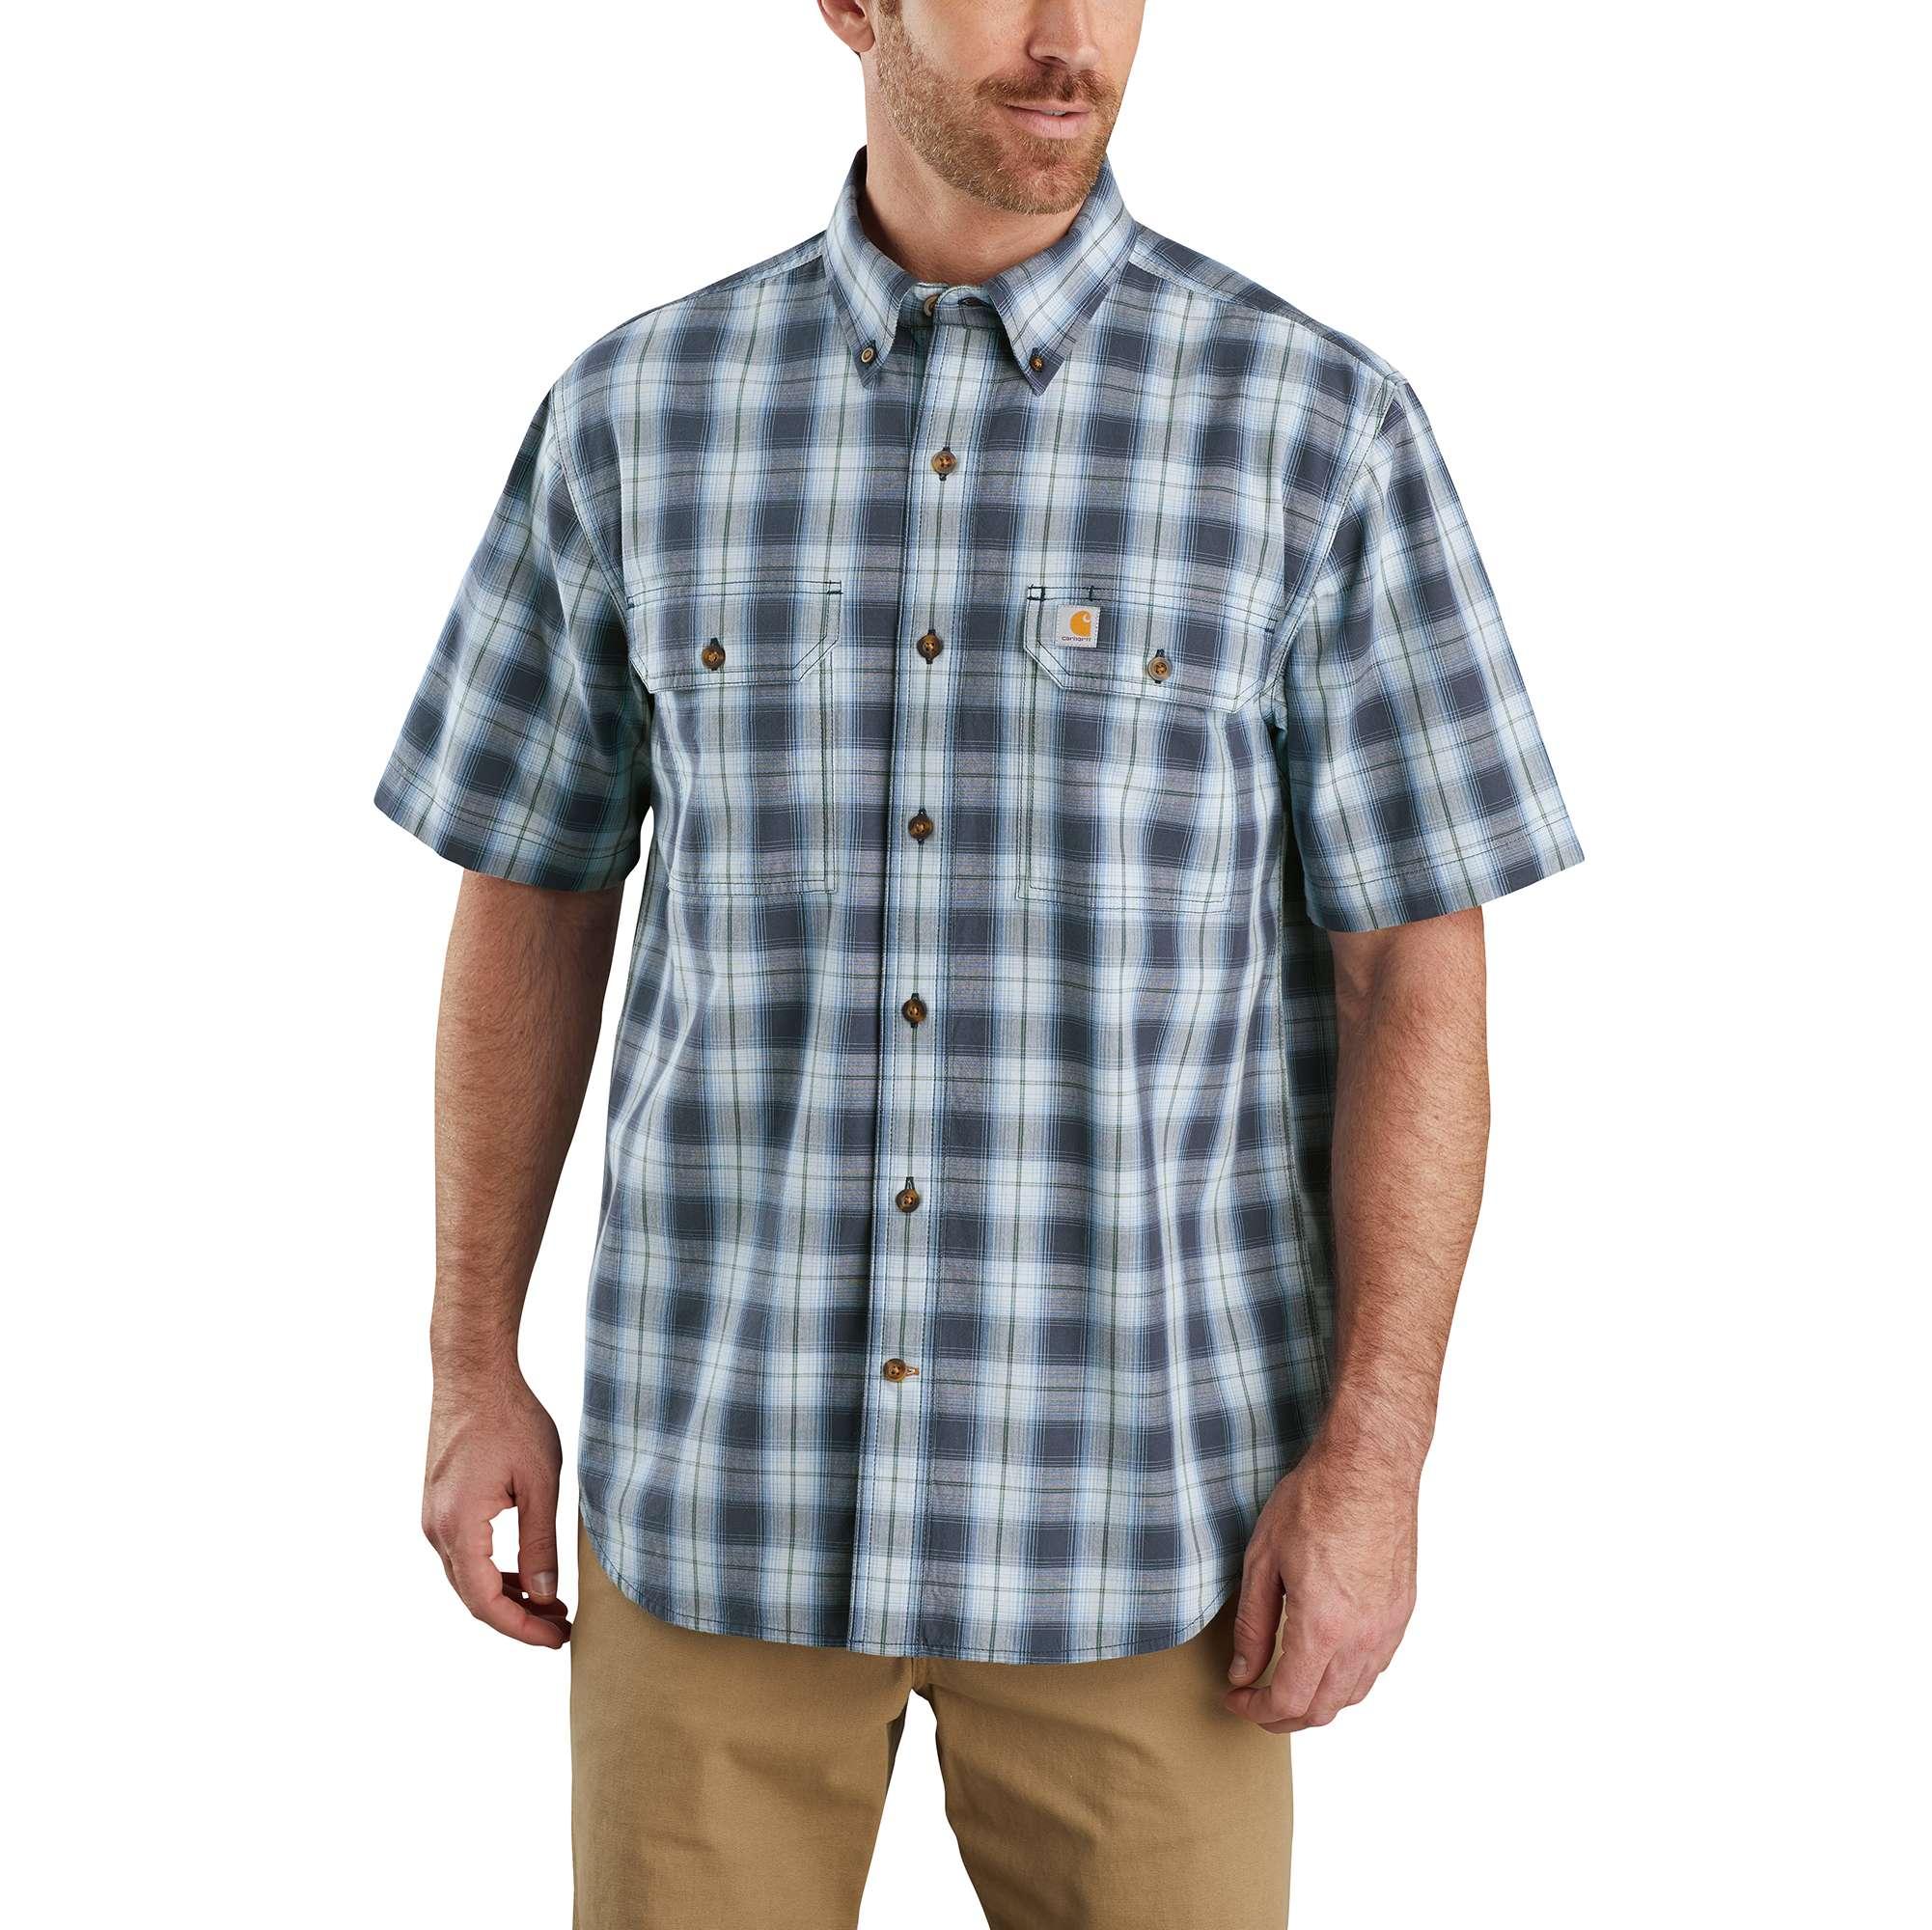 Carhartt Original Fit Midweight Short-Sleeve Button-Front Plaid Shirt